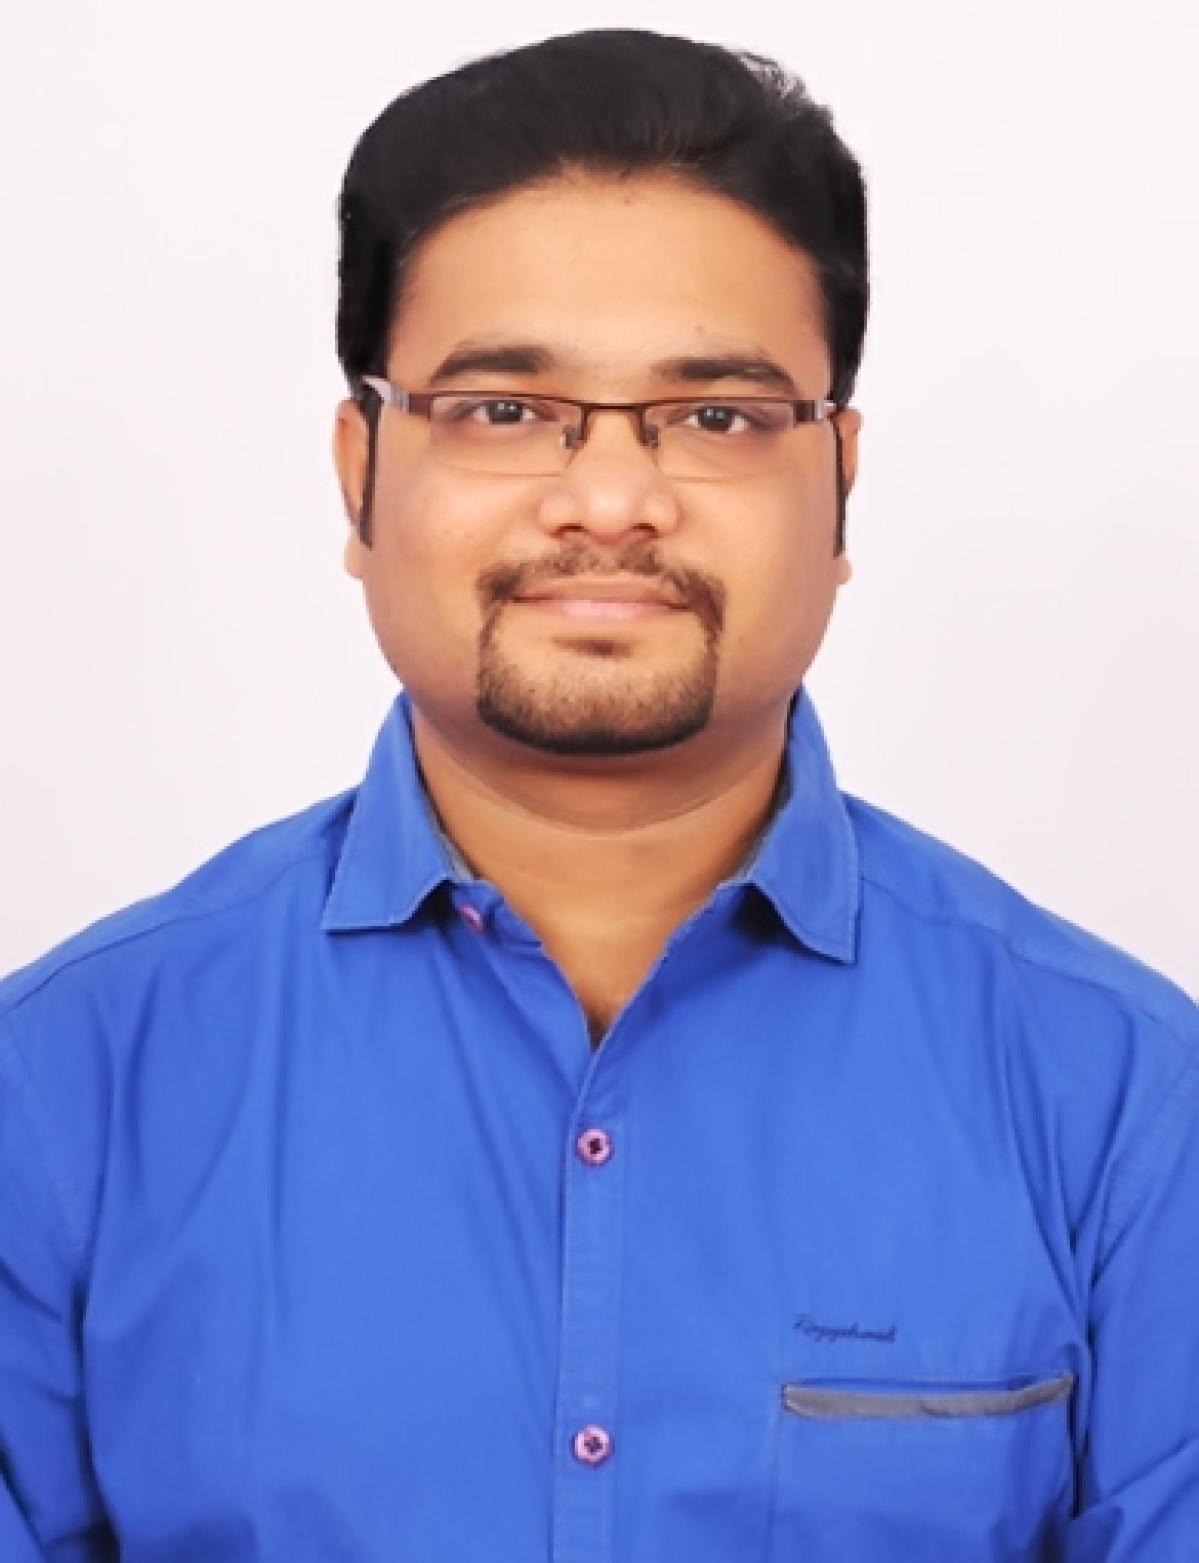 சித்த மருத்துவர் விக்ரம் குமார்